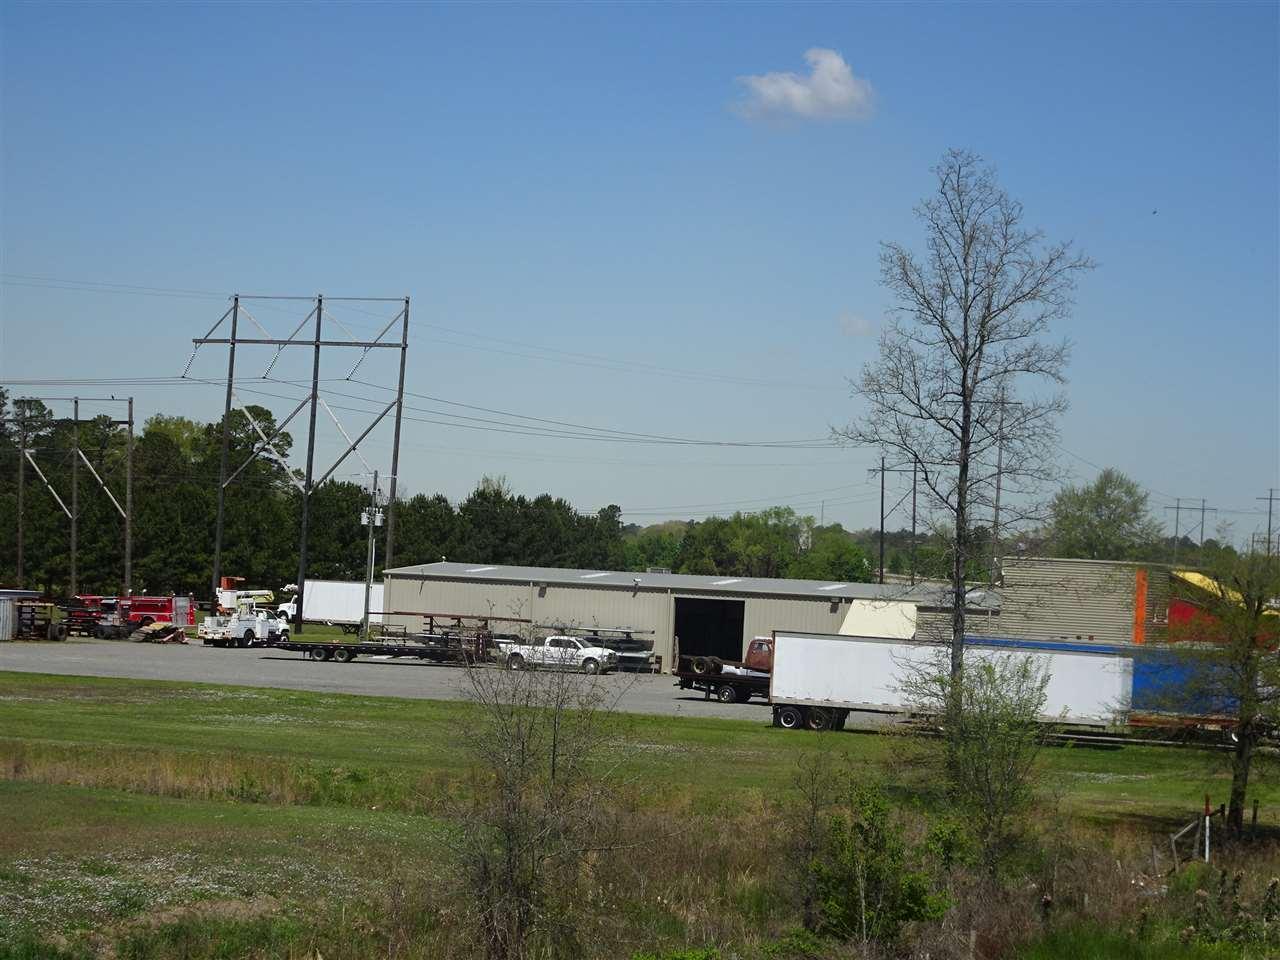 6303 W 13th #No, Pine Bluff, AR 71603